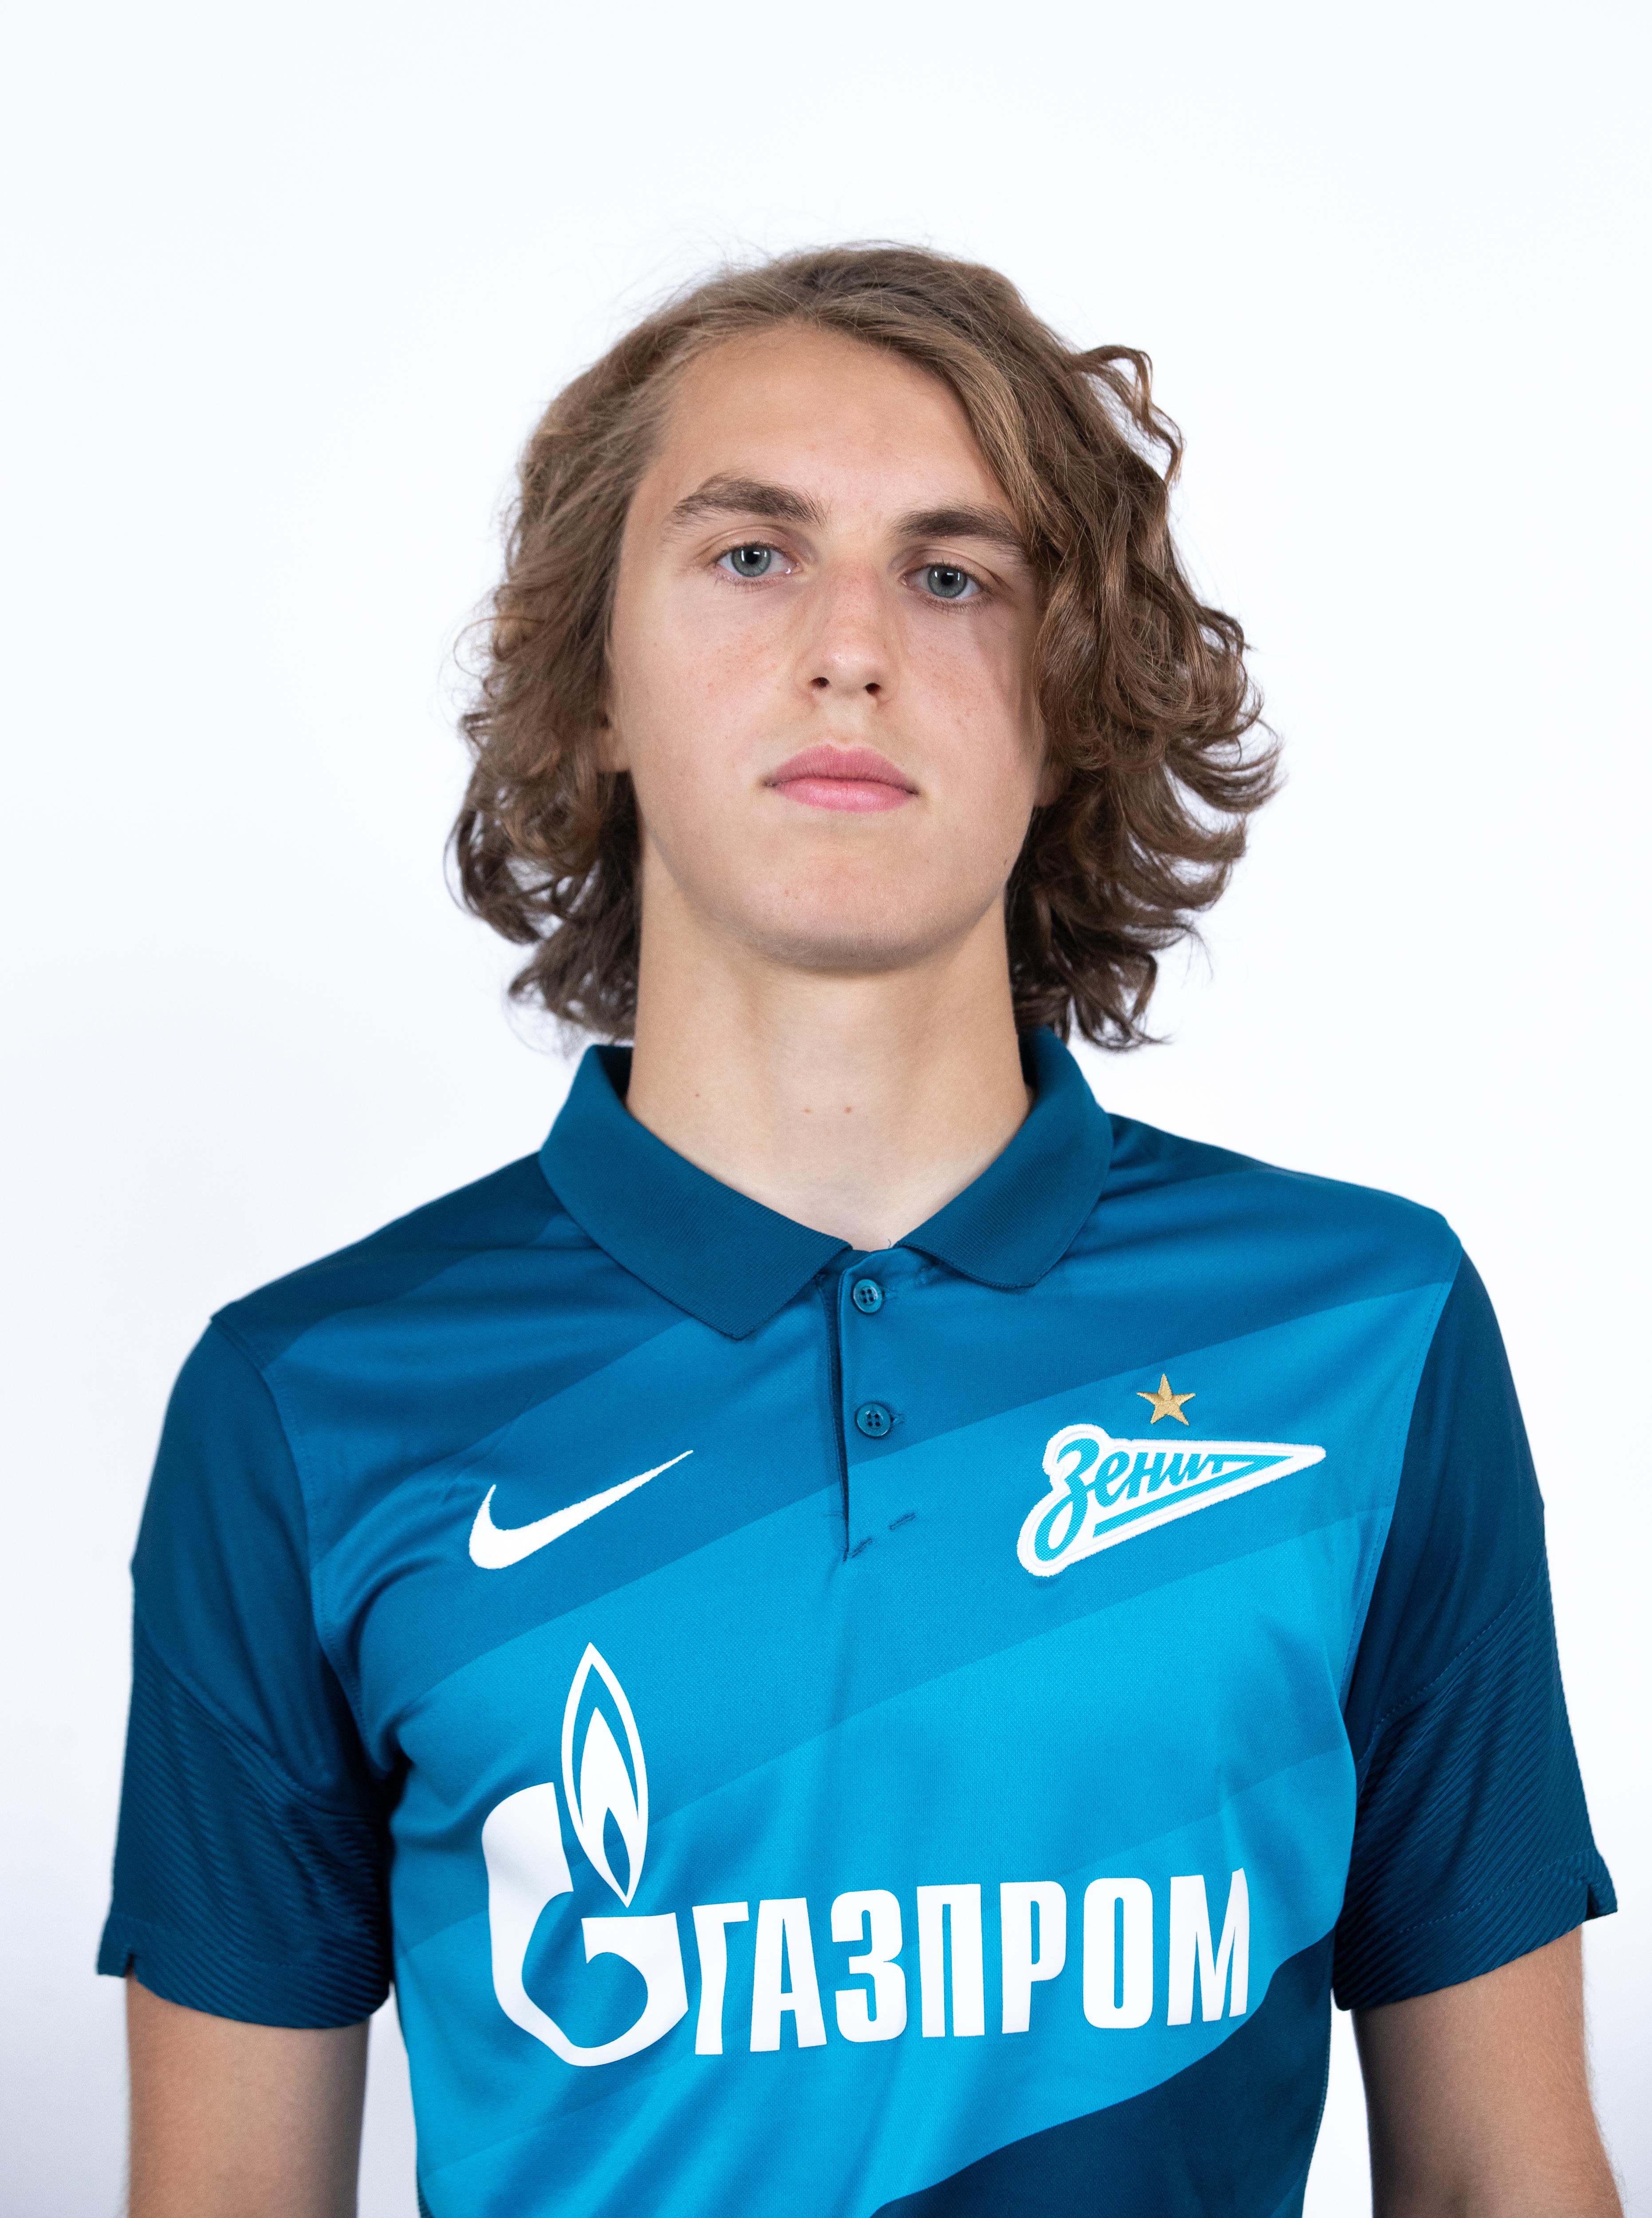 Белохонов Аким Вадимович